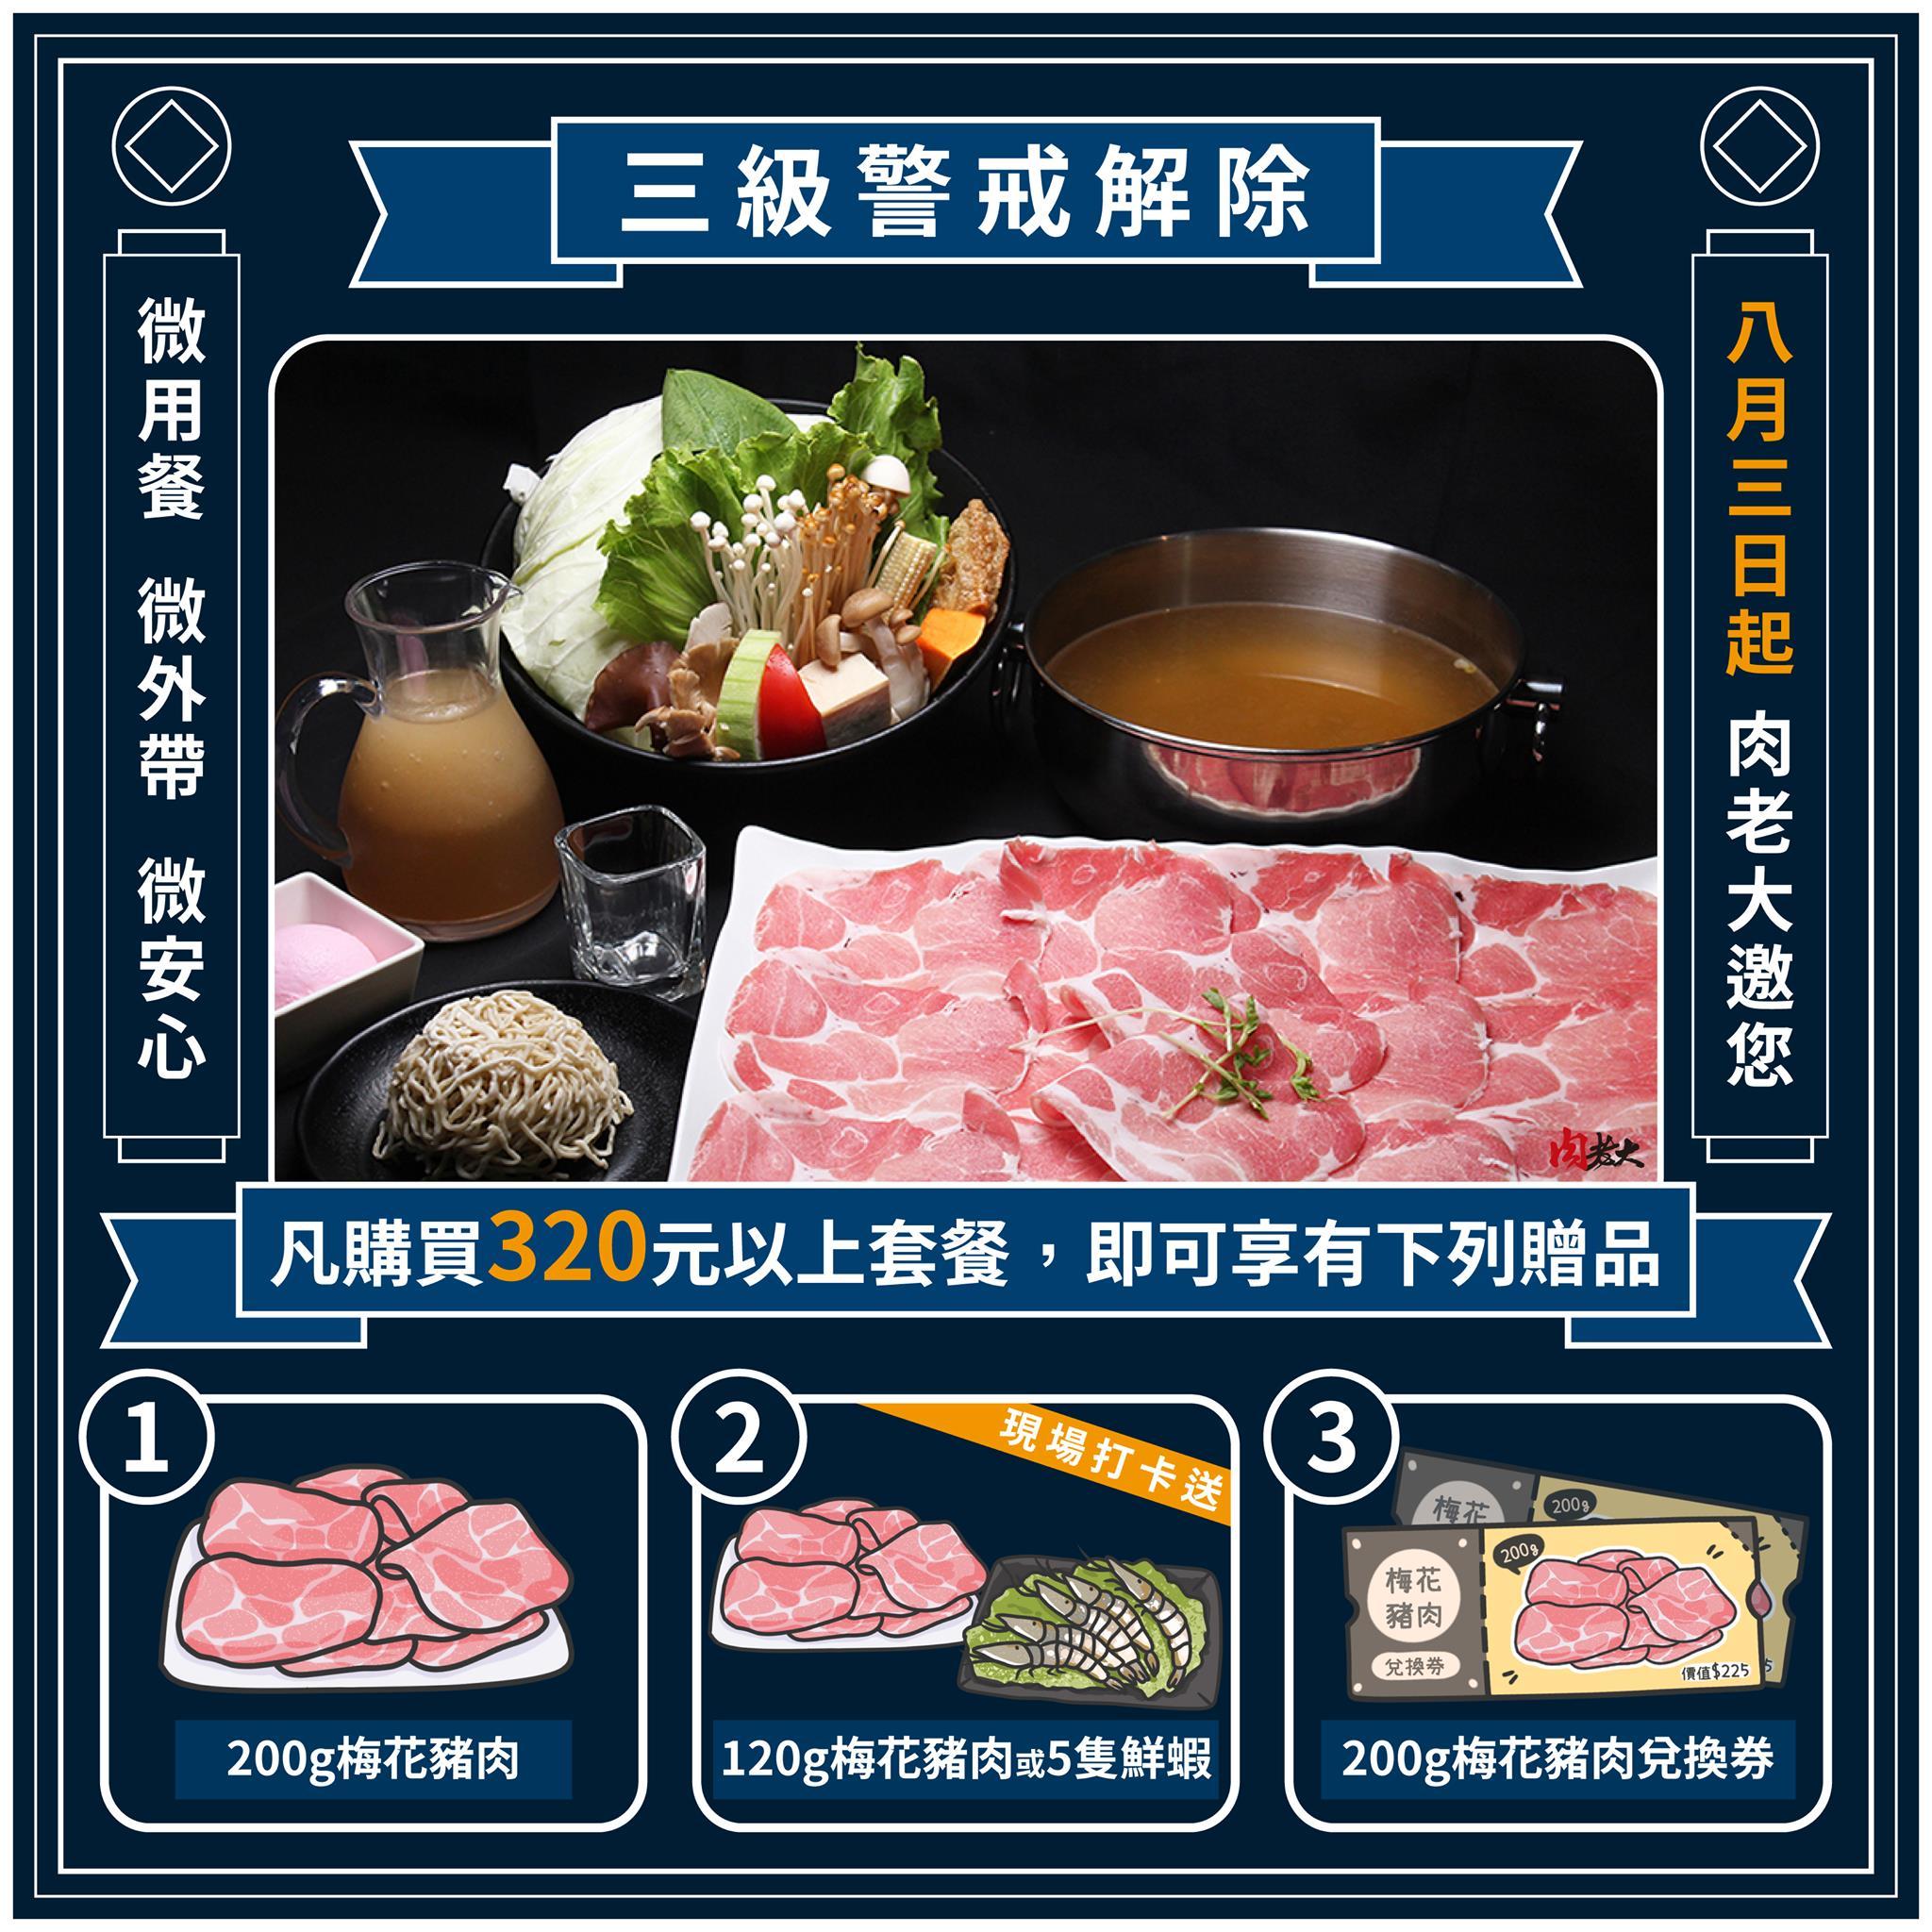 肉老大 頂級肉品涮涮鍋